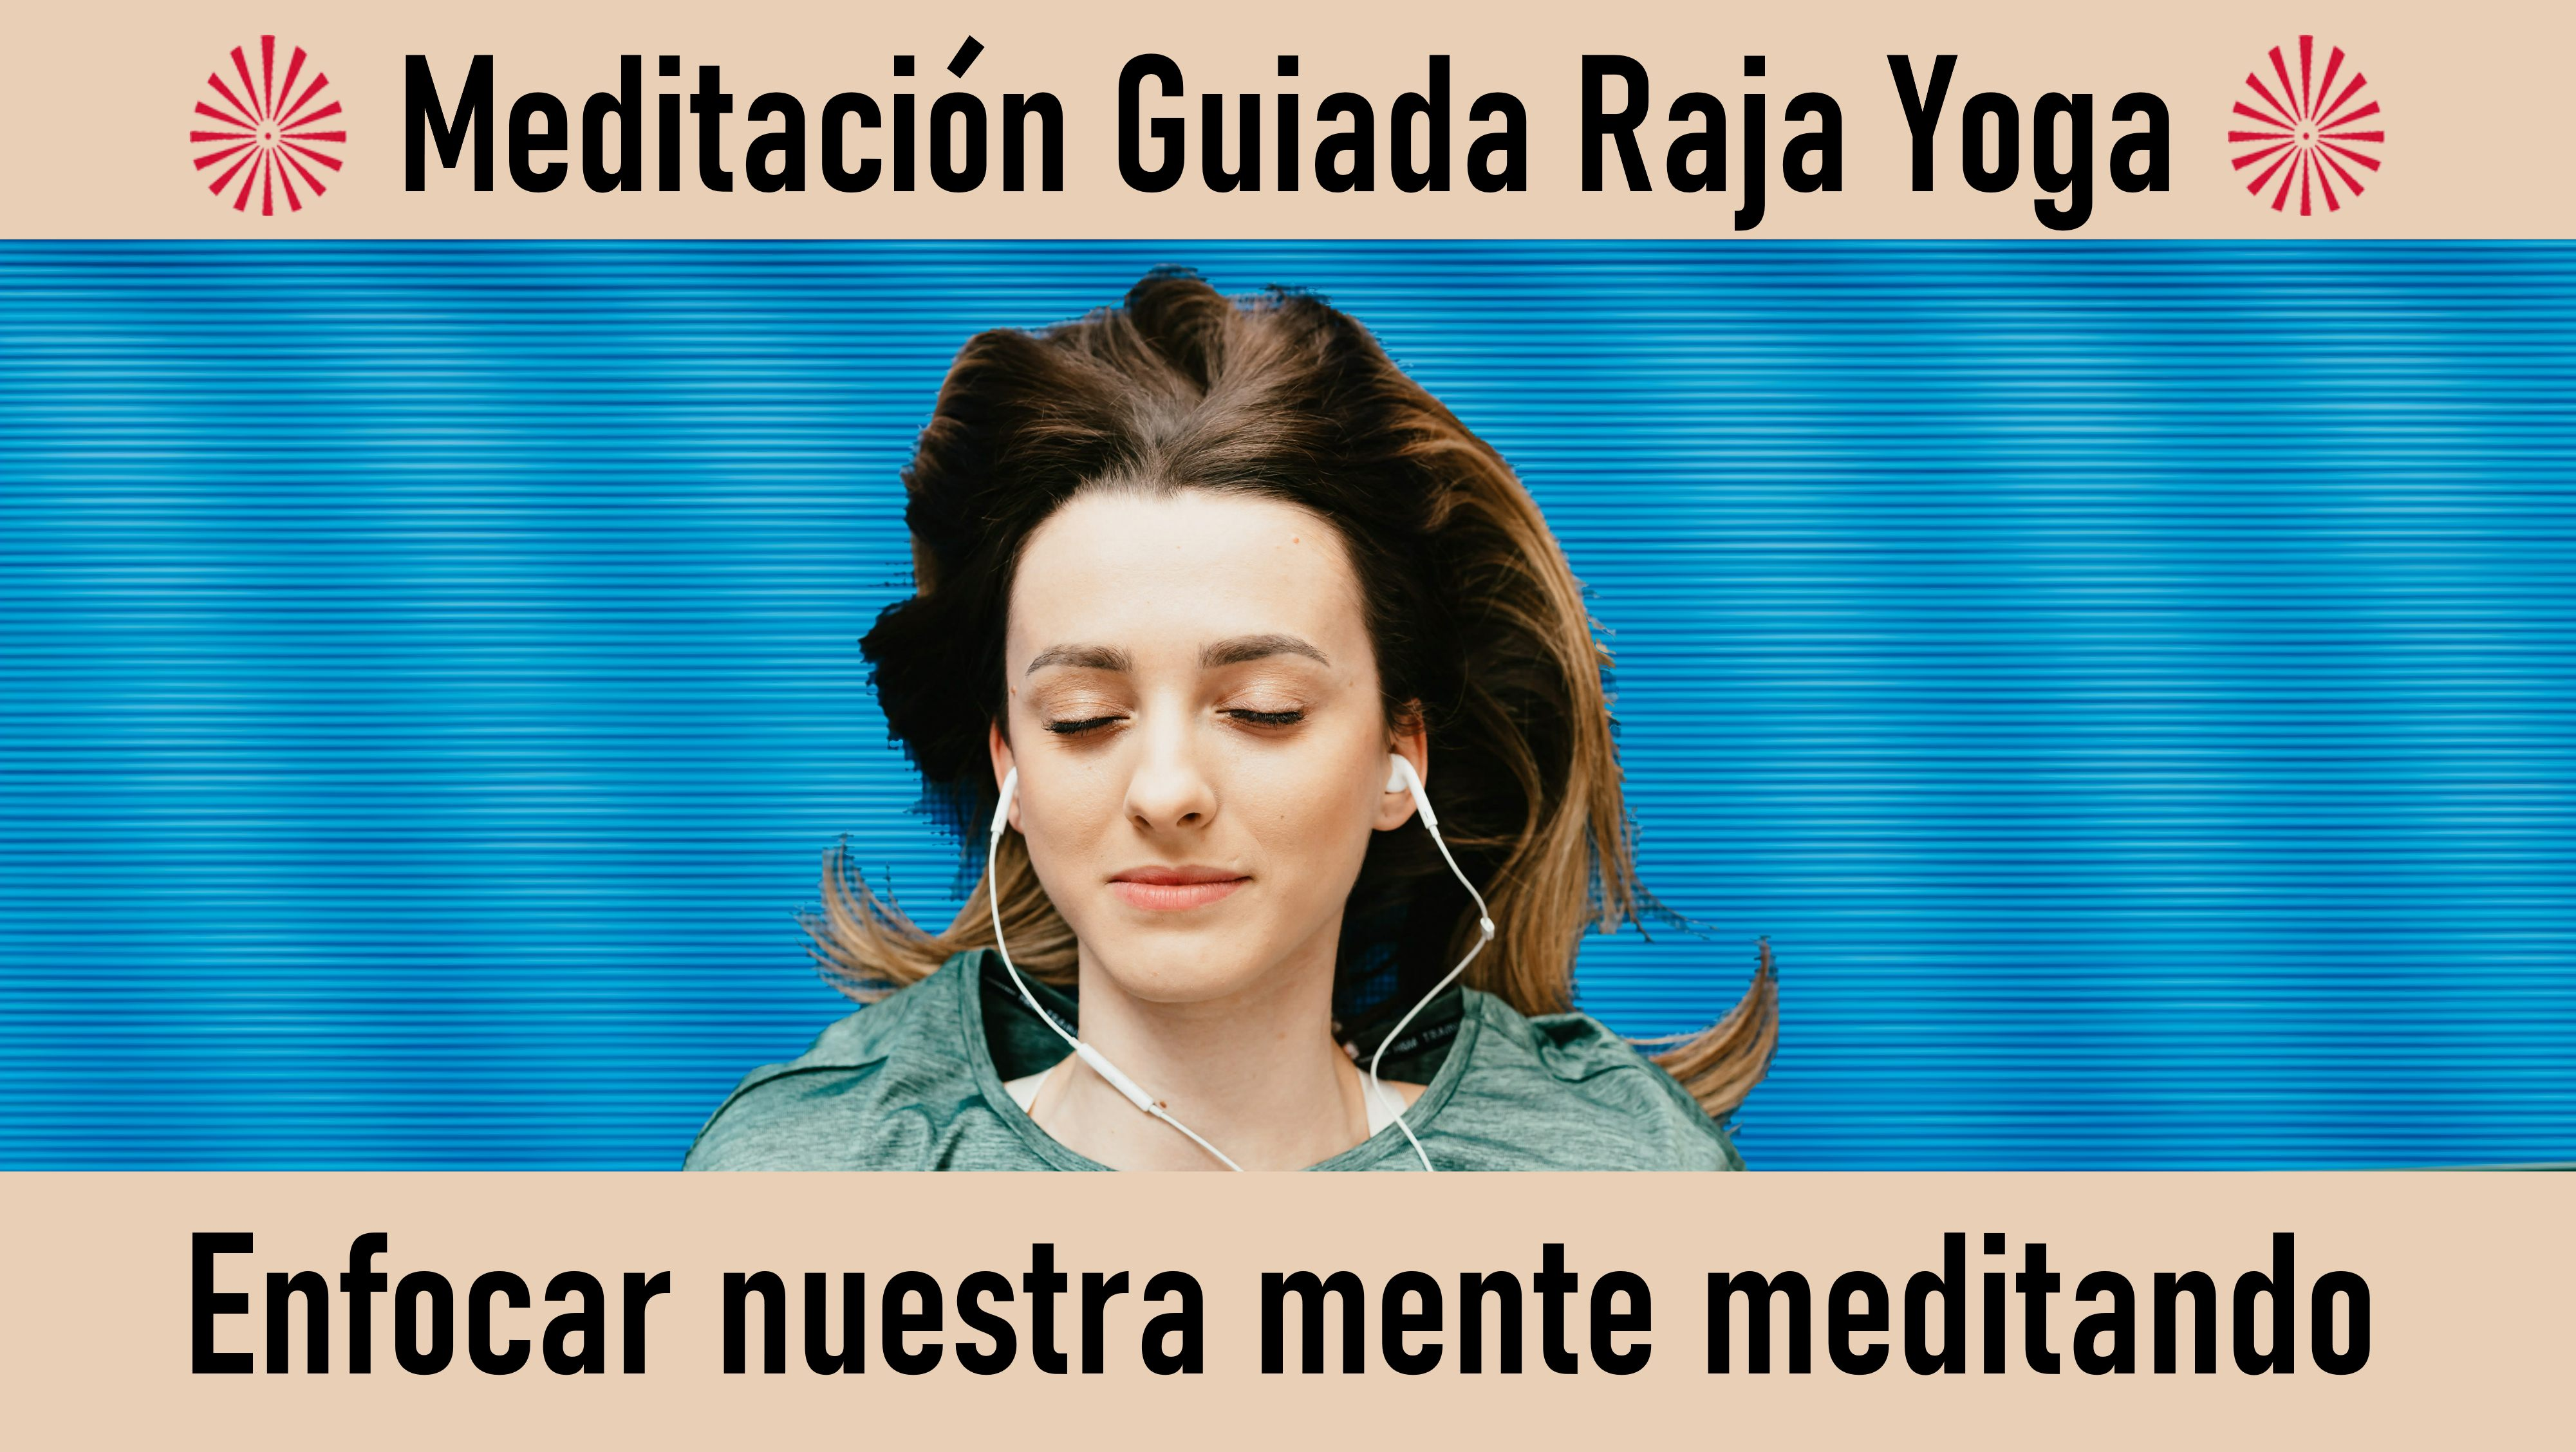 Meditación Raja Yoga: Enfocar nuestra mente meditando (2 Septiembre 2020) On-line desde Sevilla